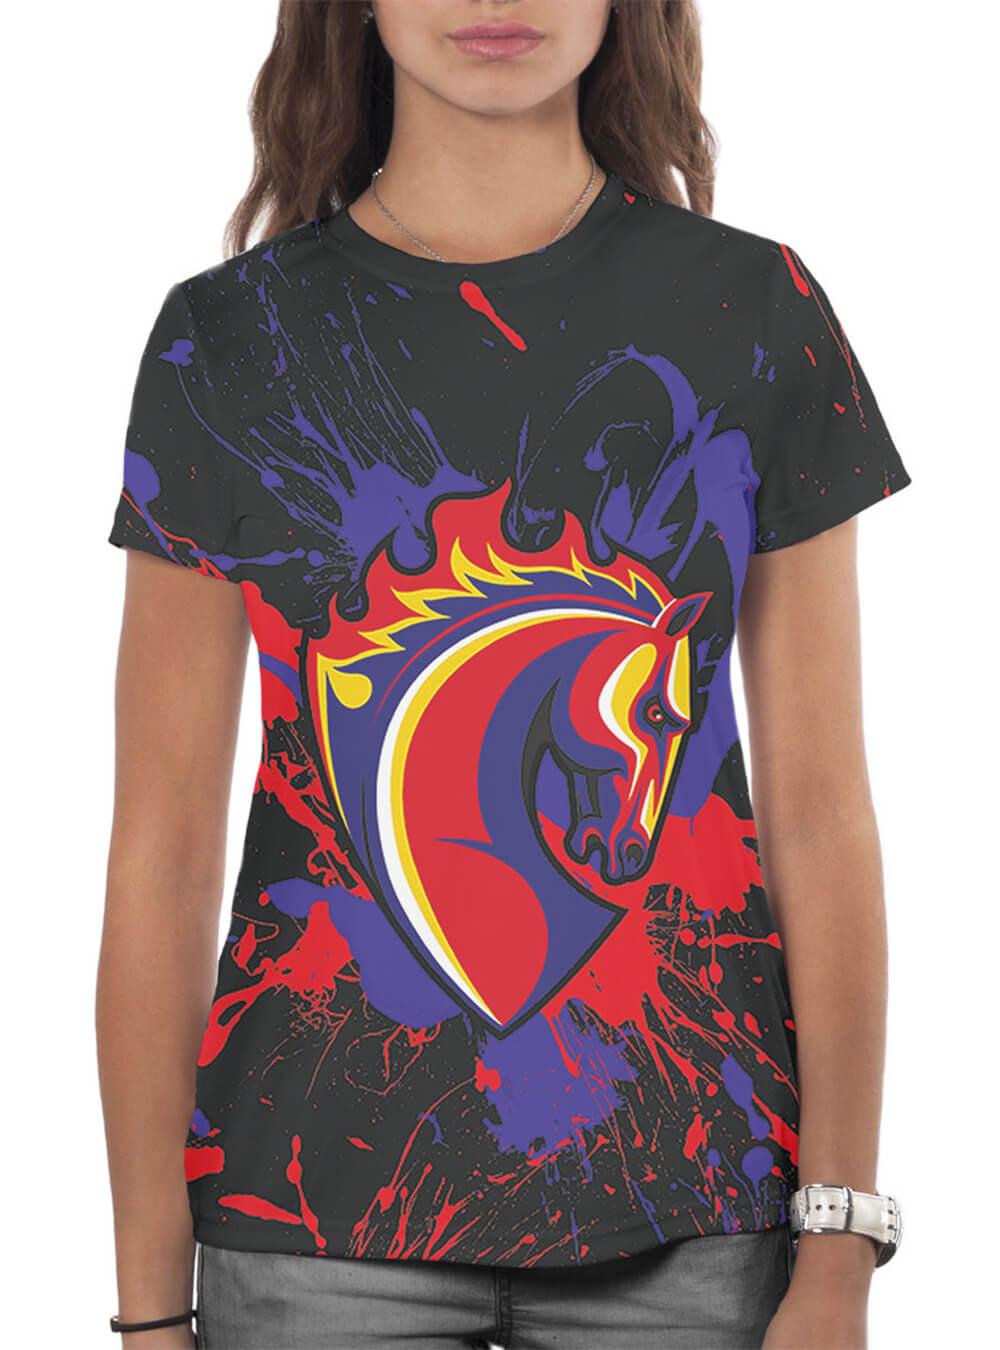 Футболка женская Брызги, конь (XXL)Одежда на заказ<br>Футболка женская Брызги, конь<br>